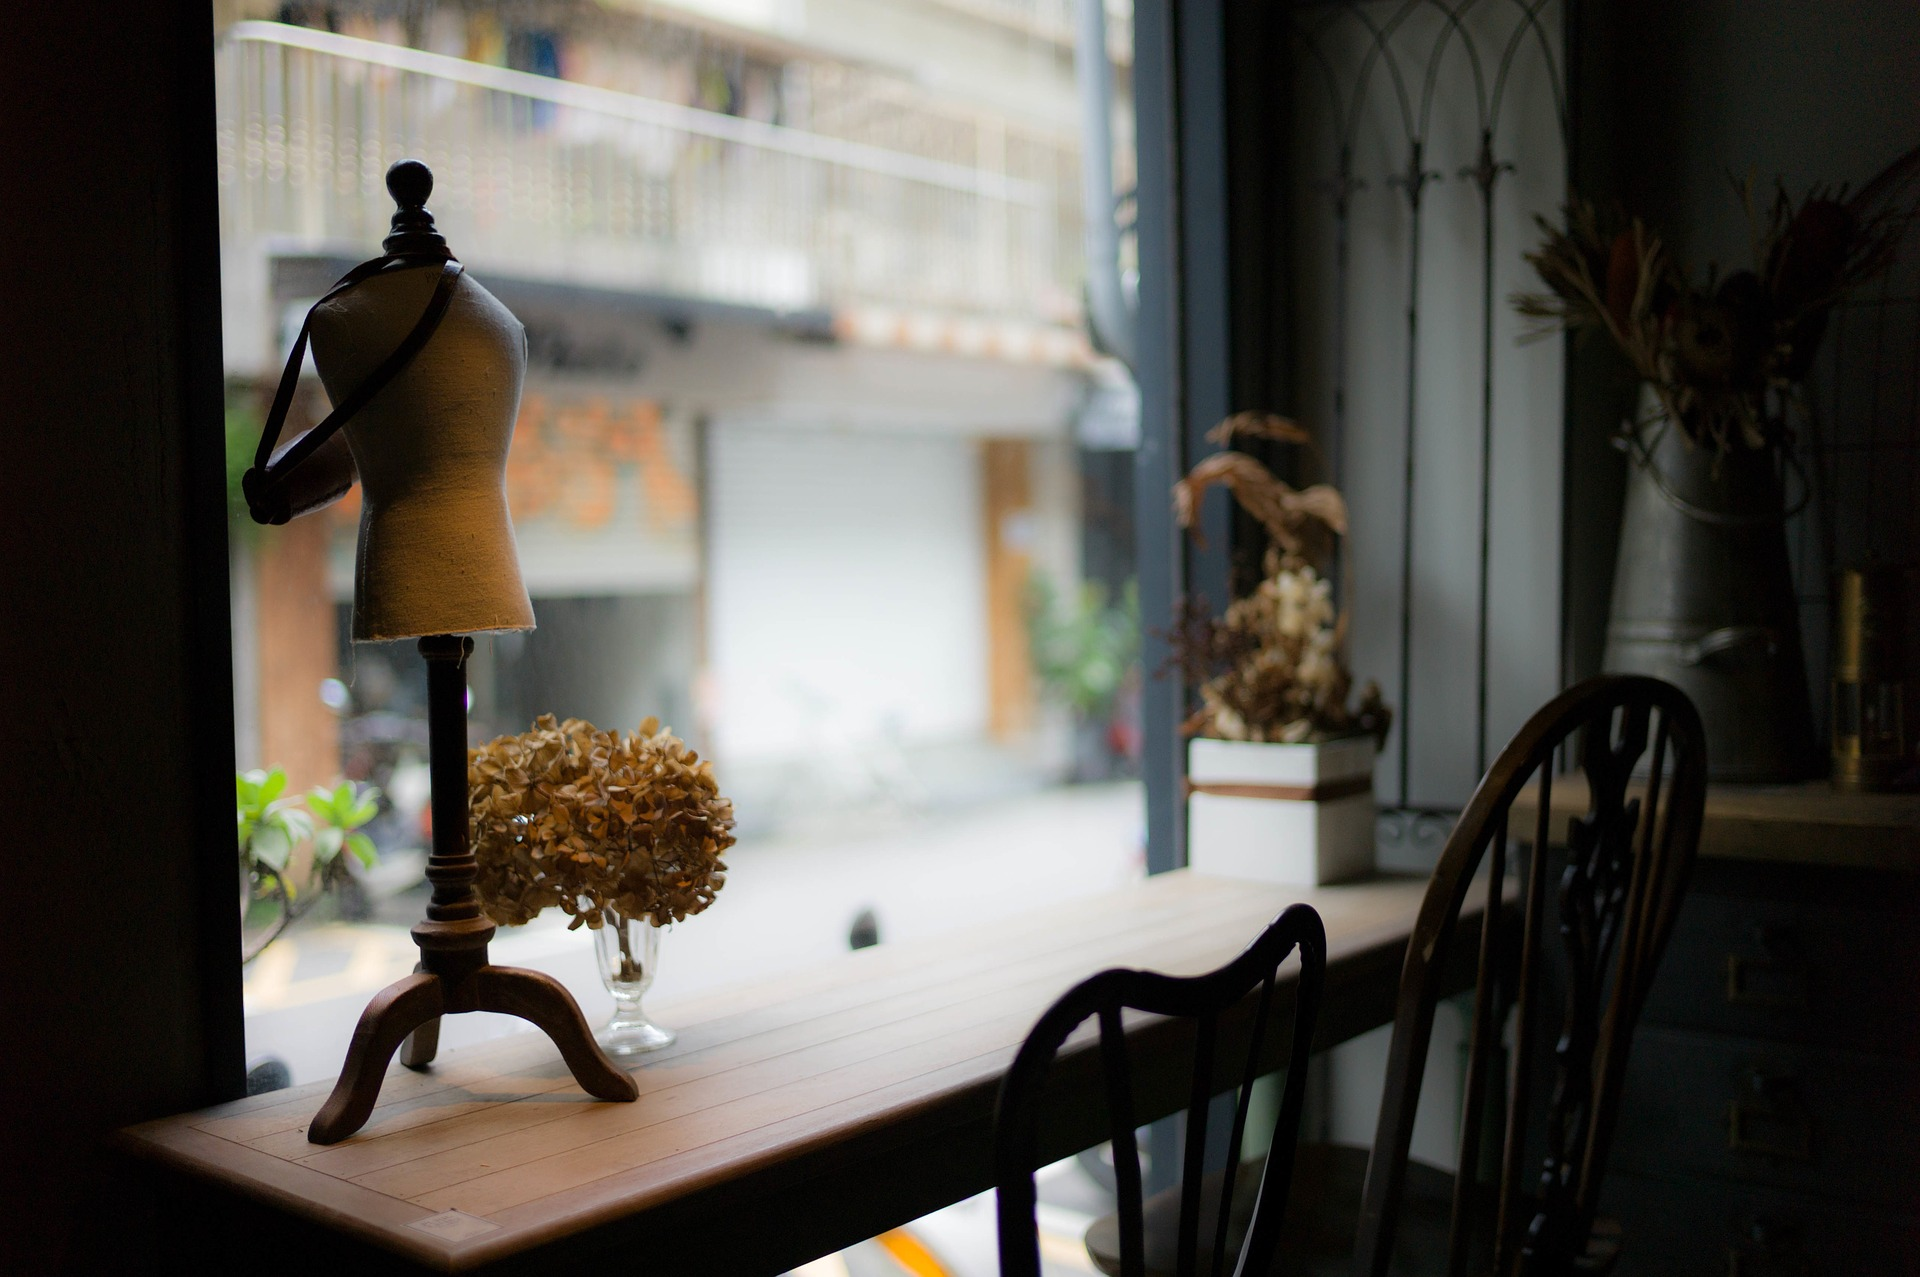 D nde comprar bisuter a en barcelona diario de viaje - Muebles vintage en barcelona ...